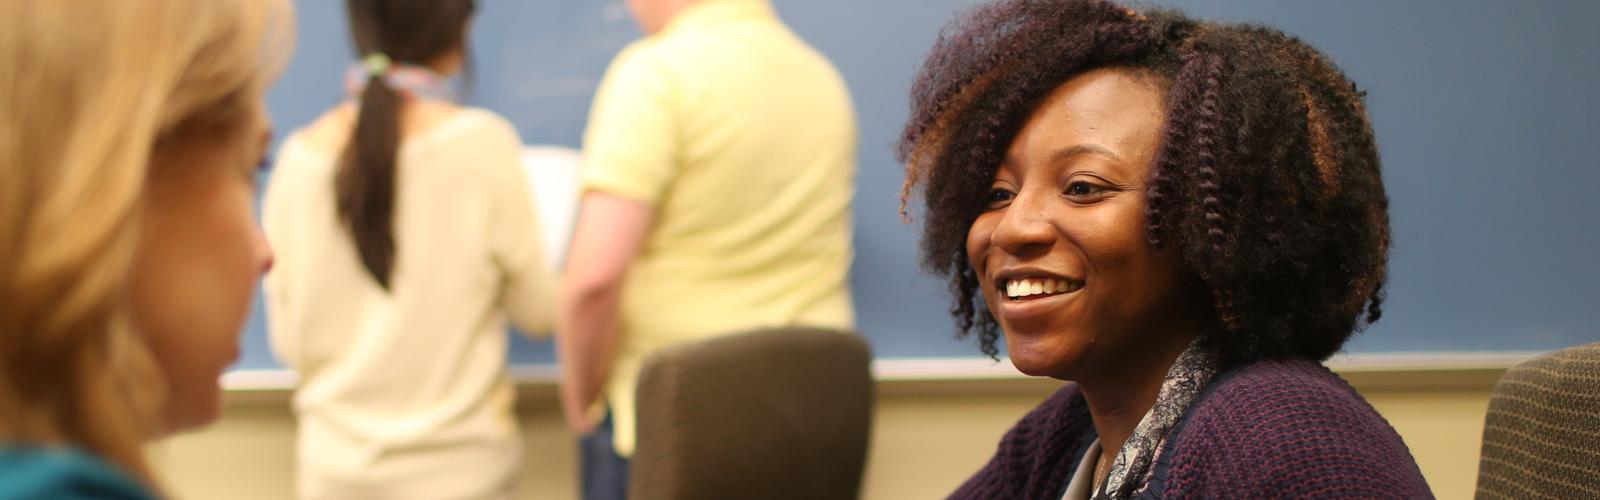 Economics graduate students talking